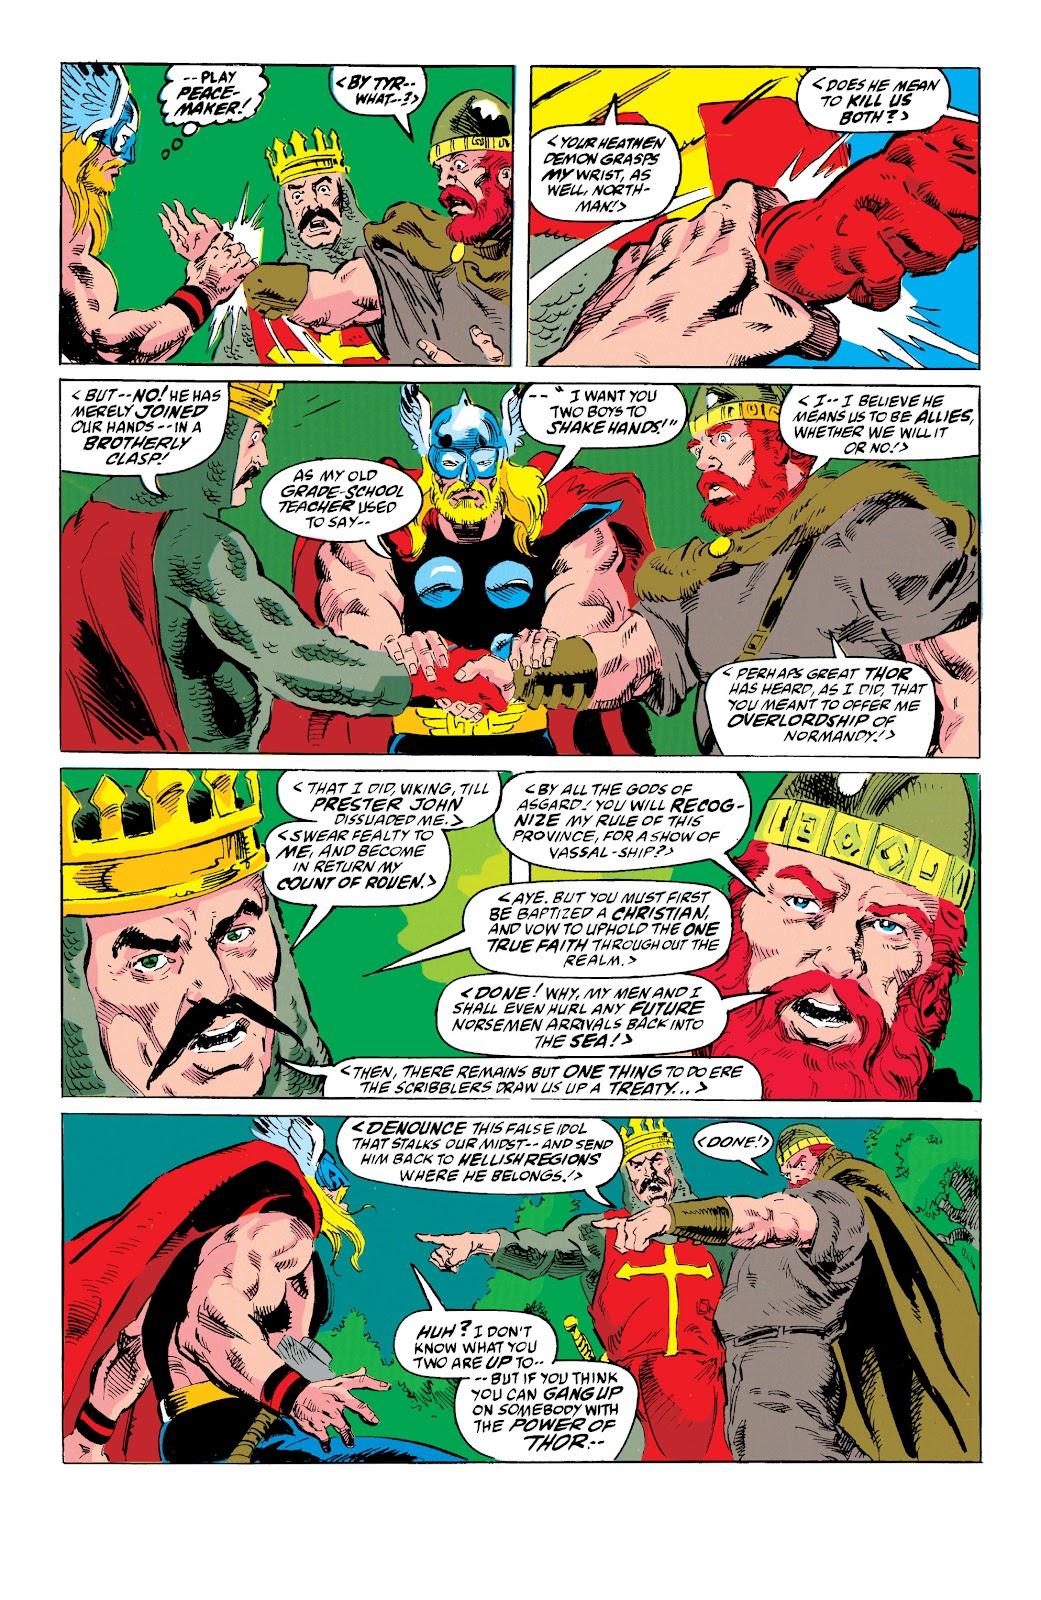 Read online Avengers: Citizen Kang comic -  Issue # TPB (Part 1) - 87